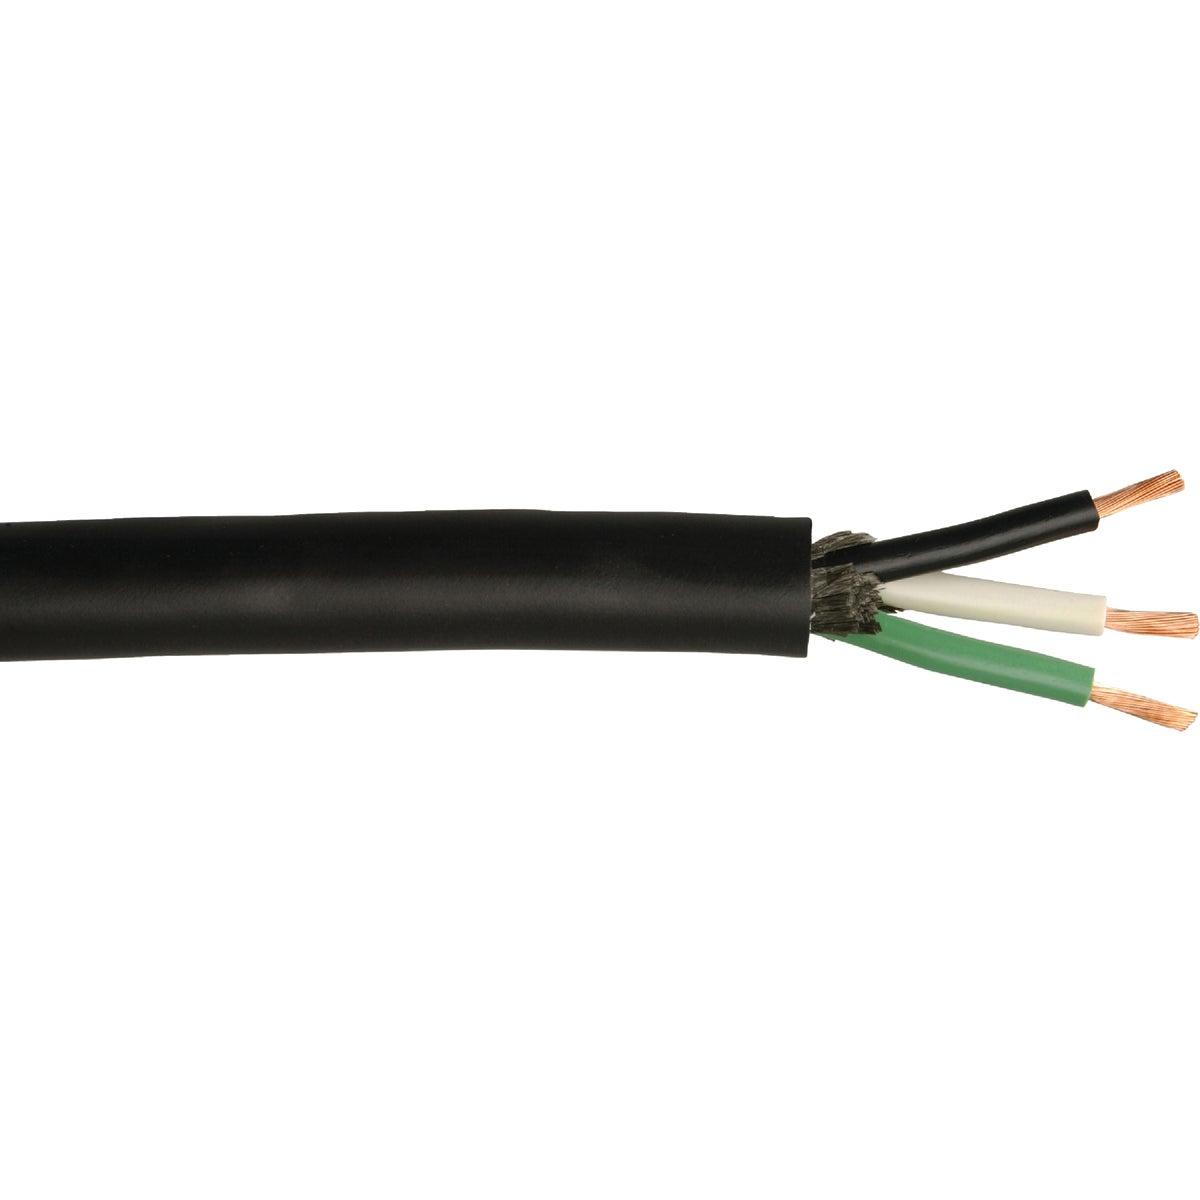 250' 14/3 Sjew Wire